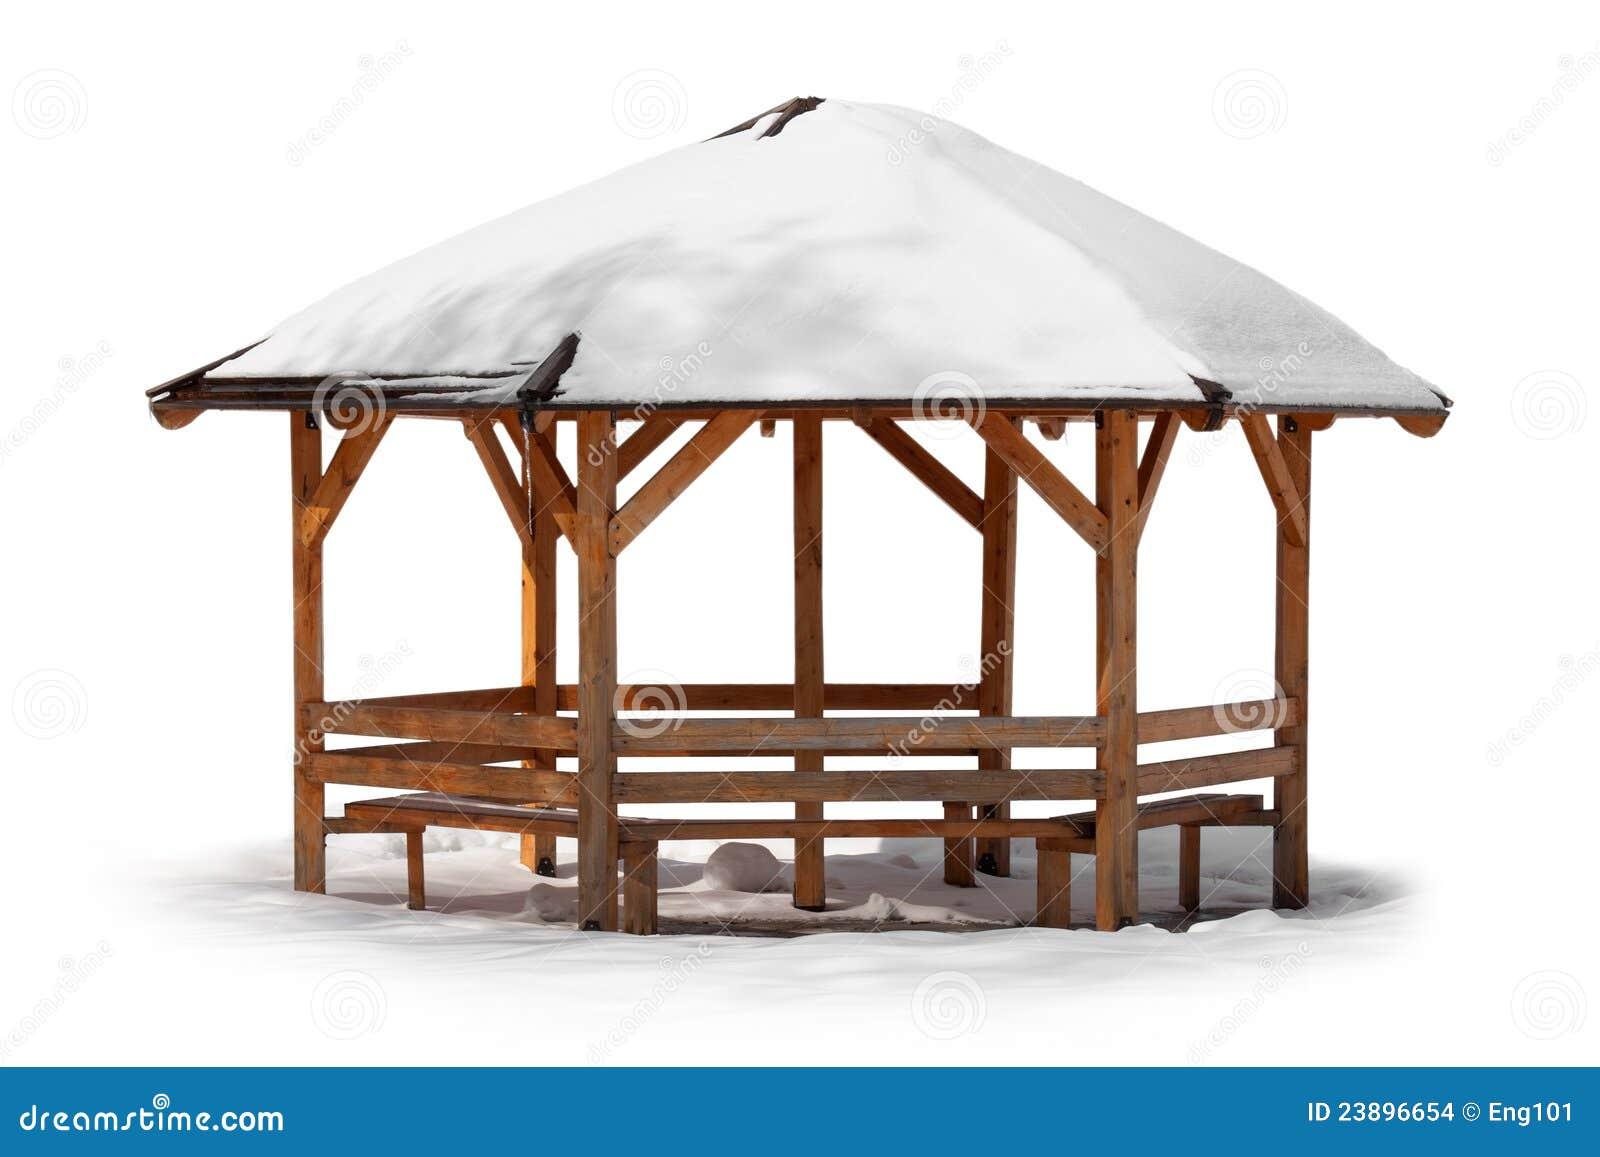 Kiosque En Bois Hexagonal kiosque de jardin dans l'hiver photo stock - image du